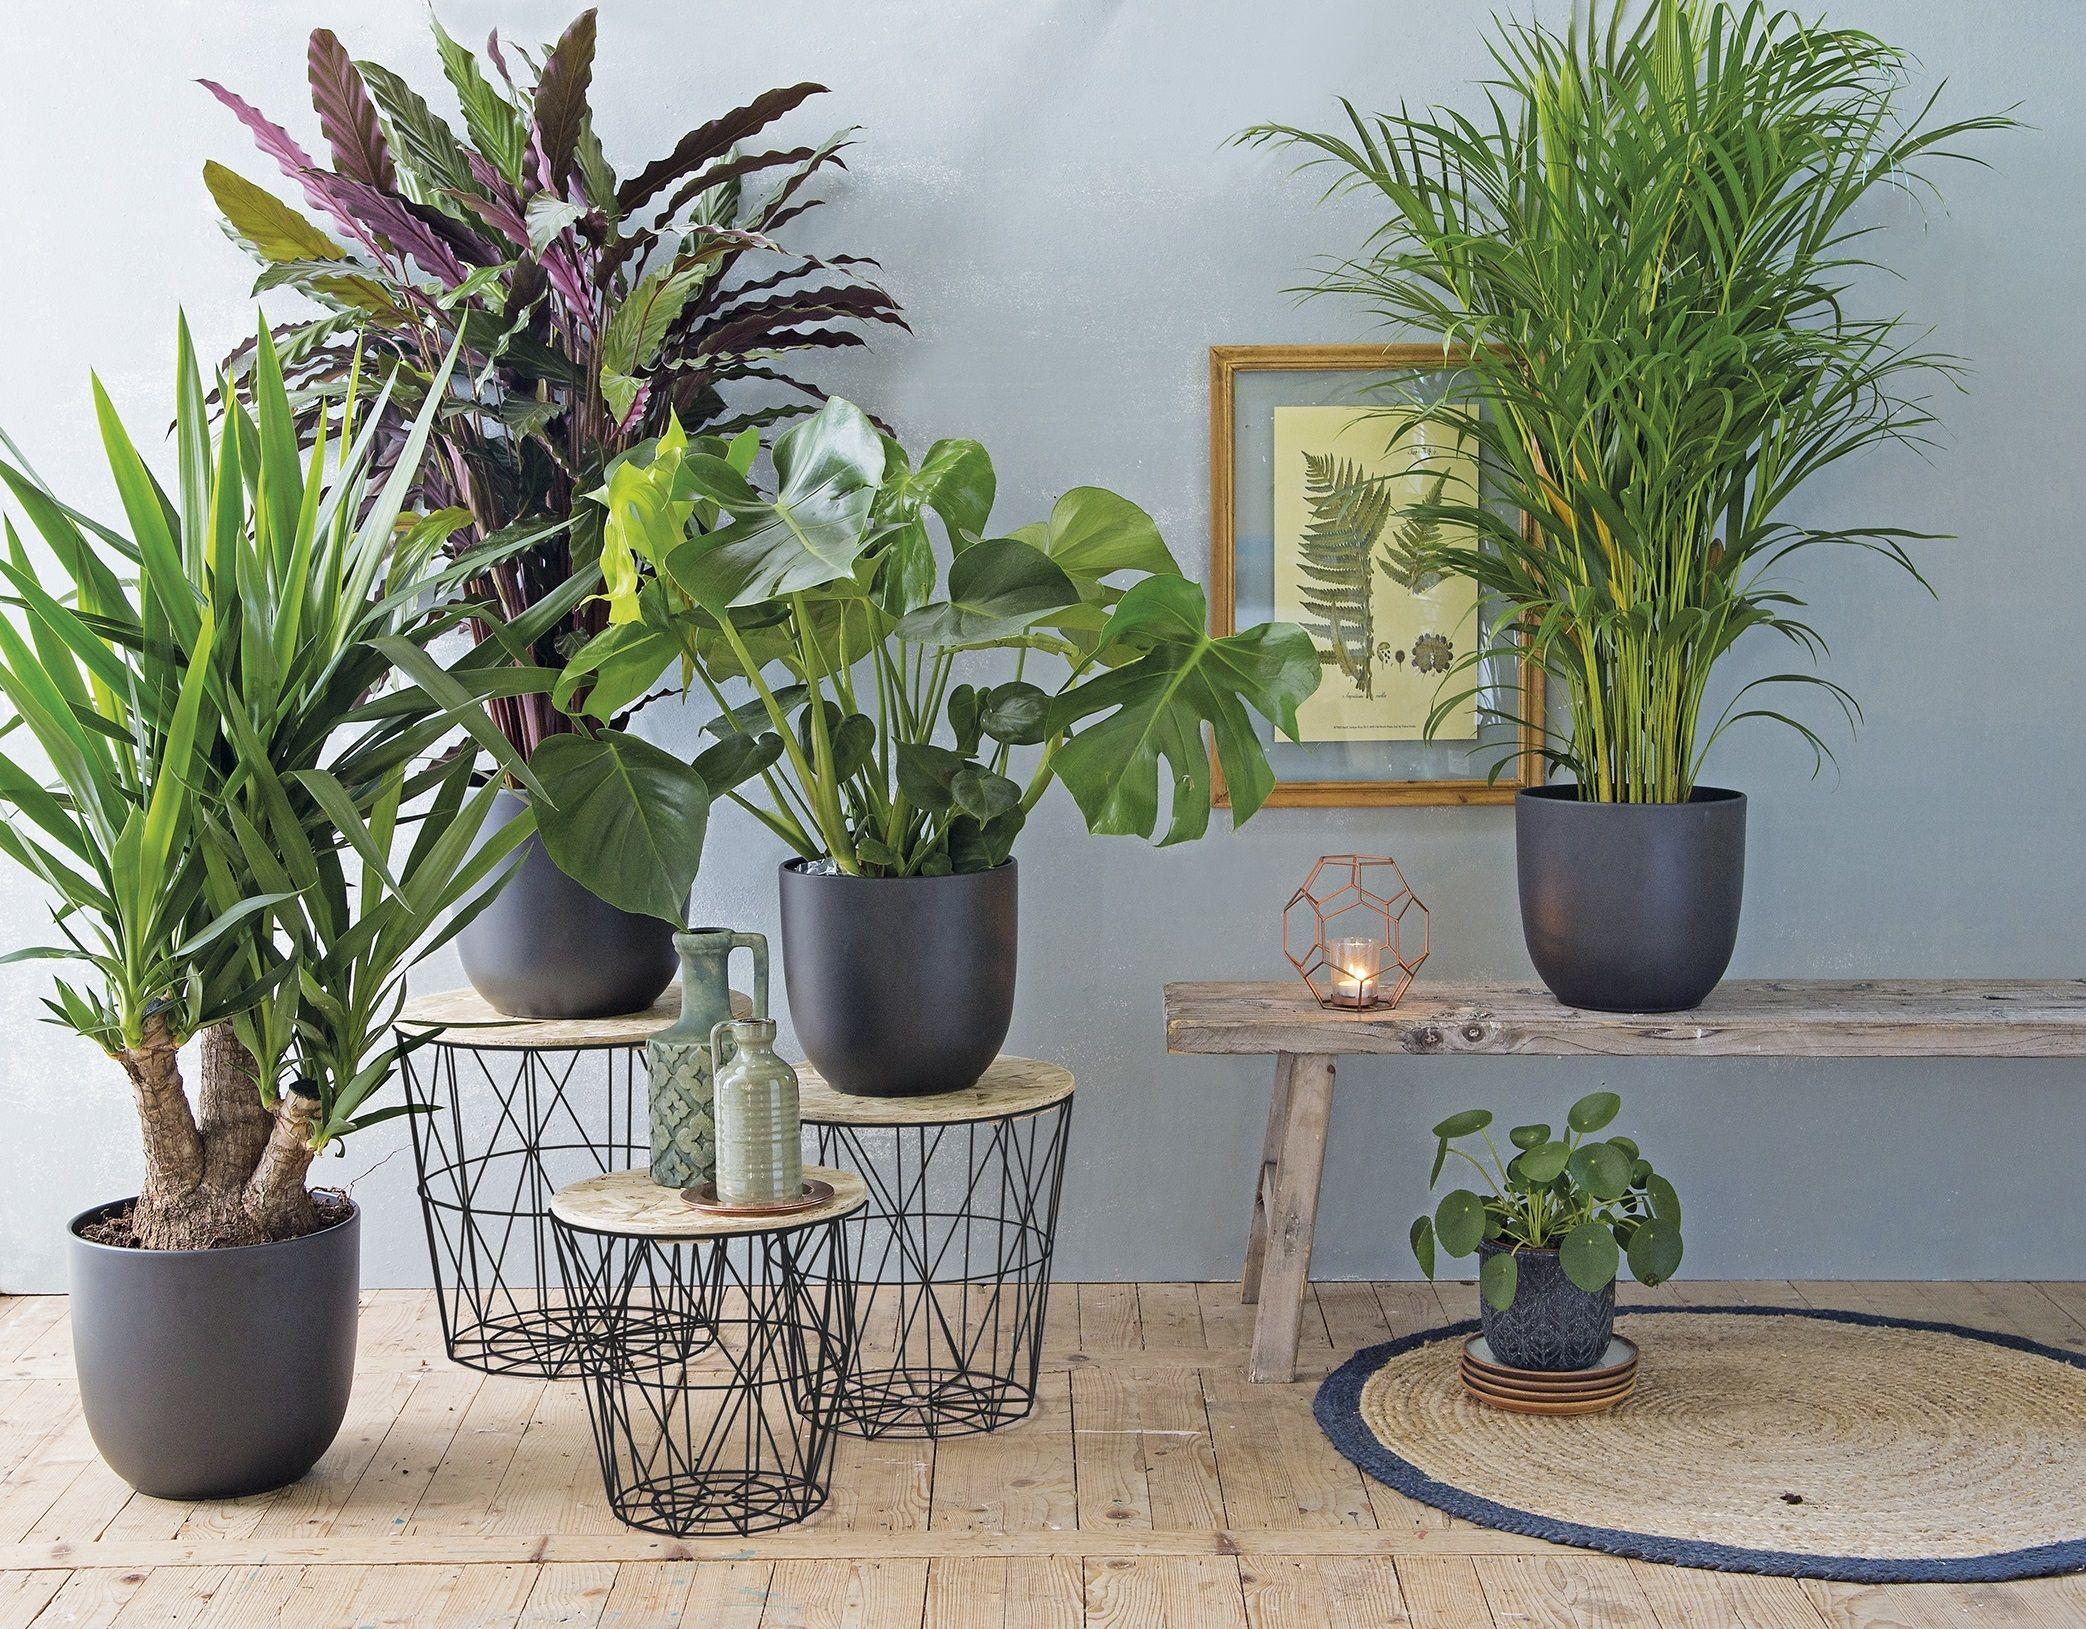 Grote Plant Woonkamer : Mooie grote kamerplanten voor in de woonkamer kamerplanten